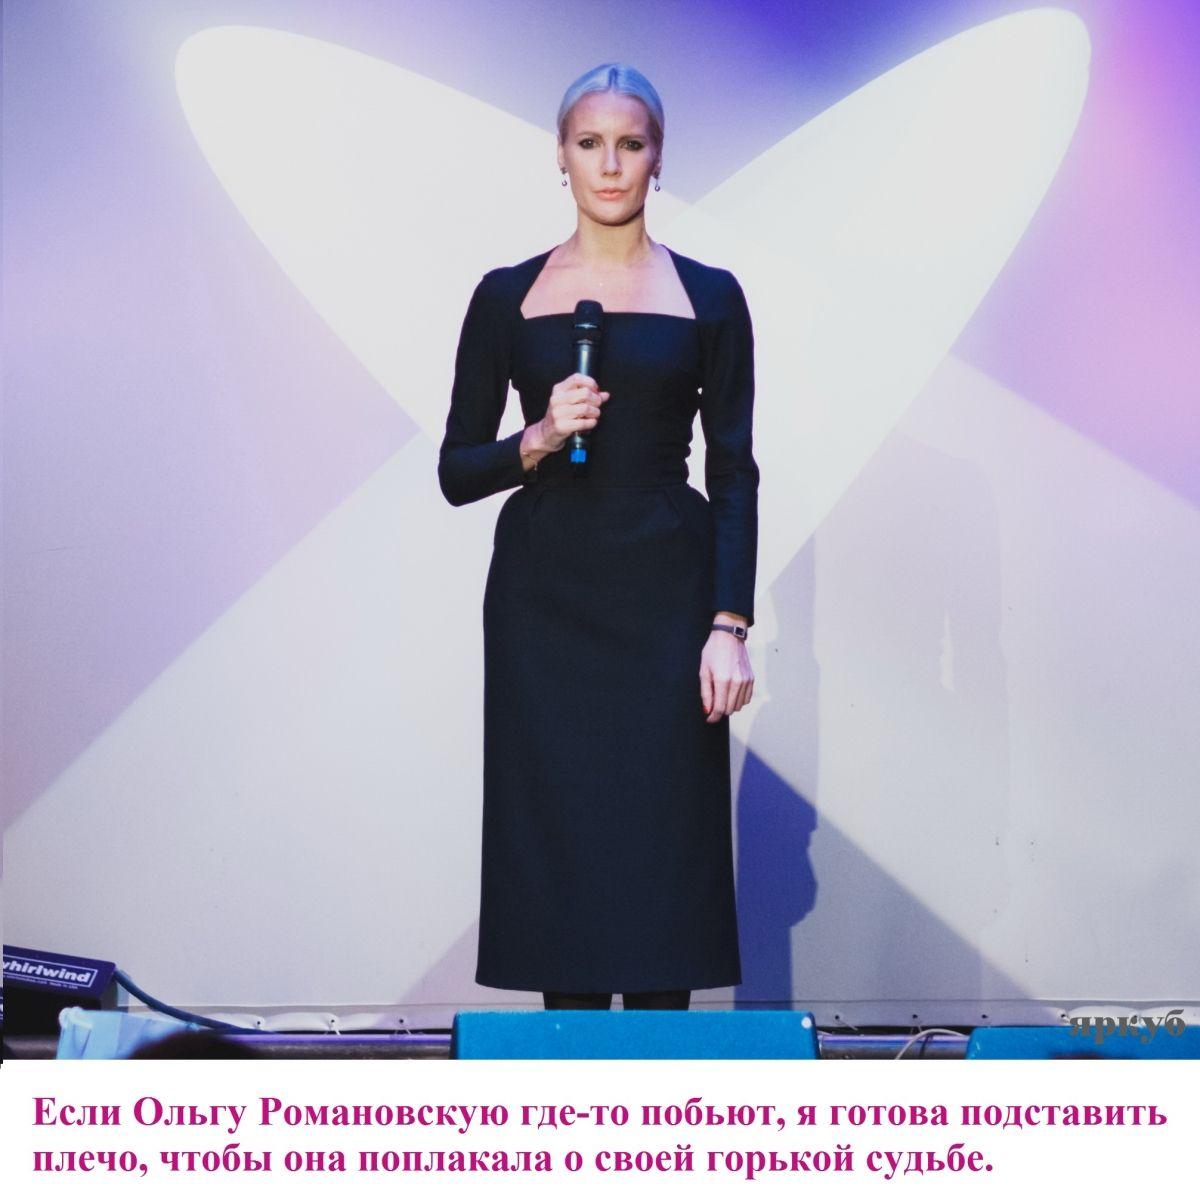 Пикантные фото и видео Елена Летучая. Бесплатный эротический архив